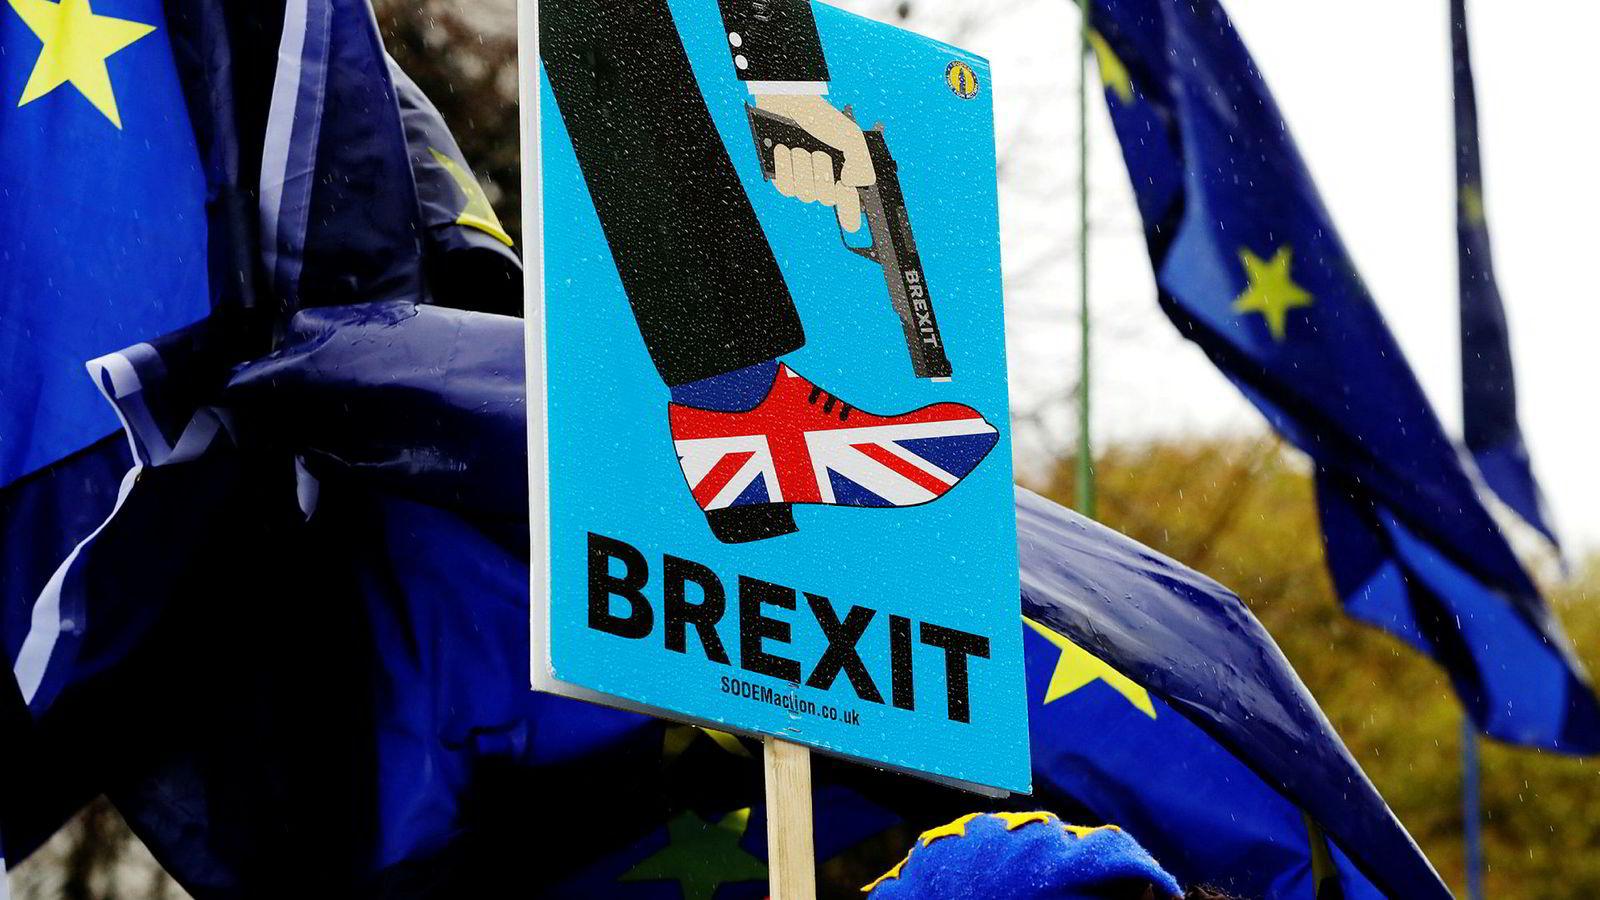 Brexit-motstandere demonstrerer utenfor det britiske parlamentet i London tidligere denne måneden.